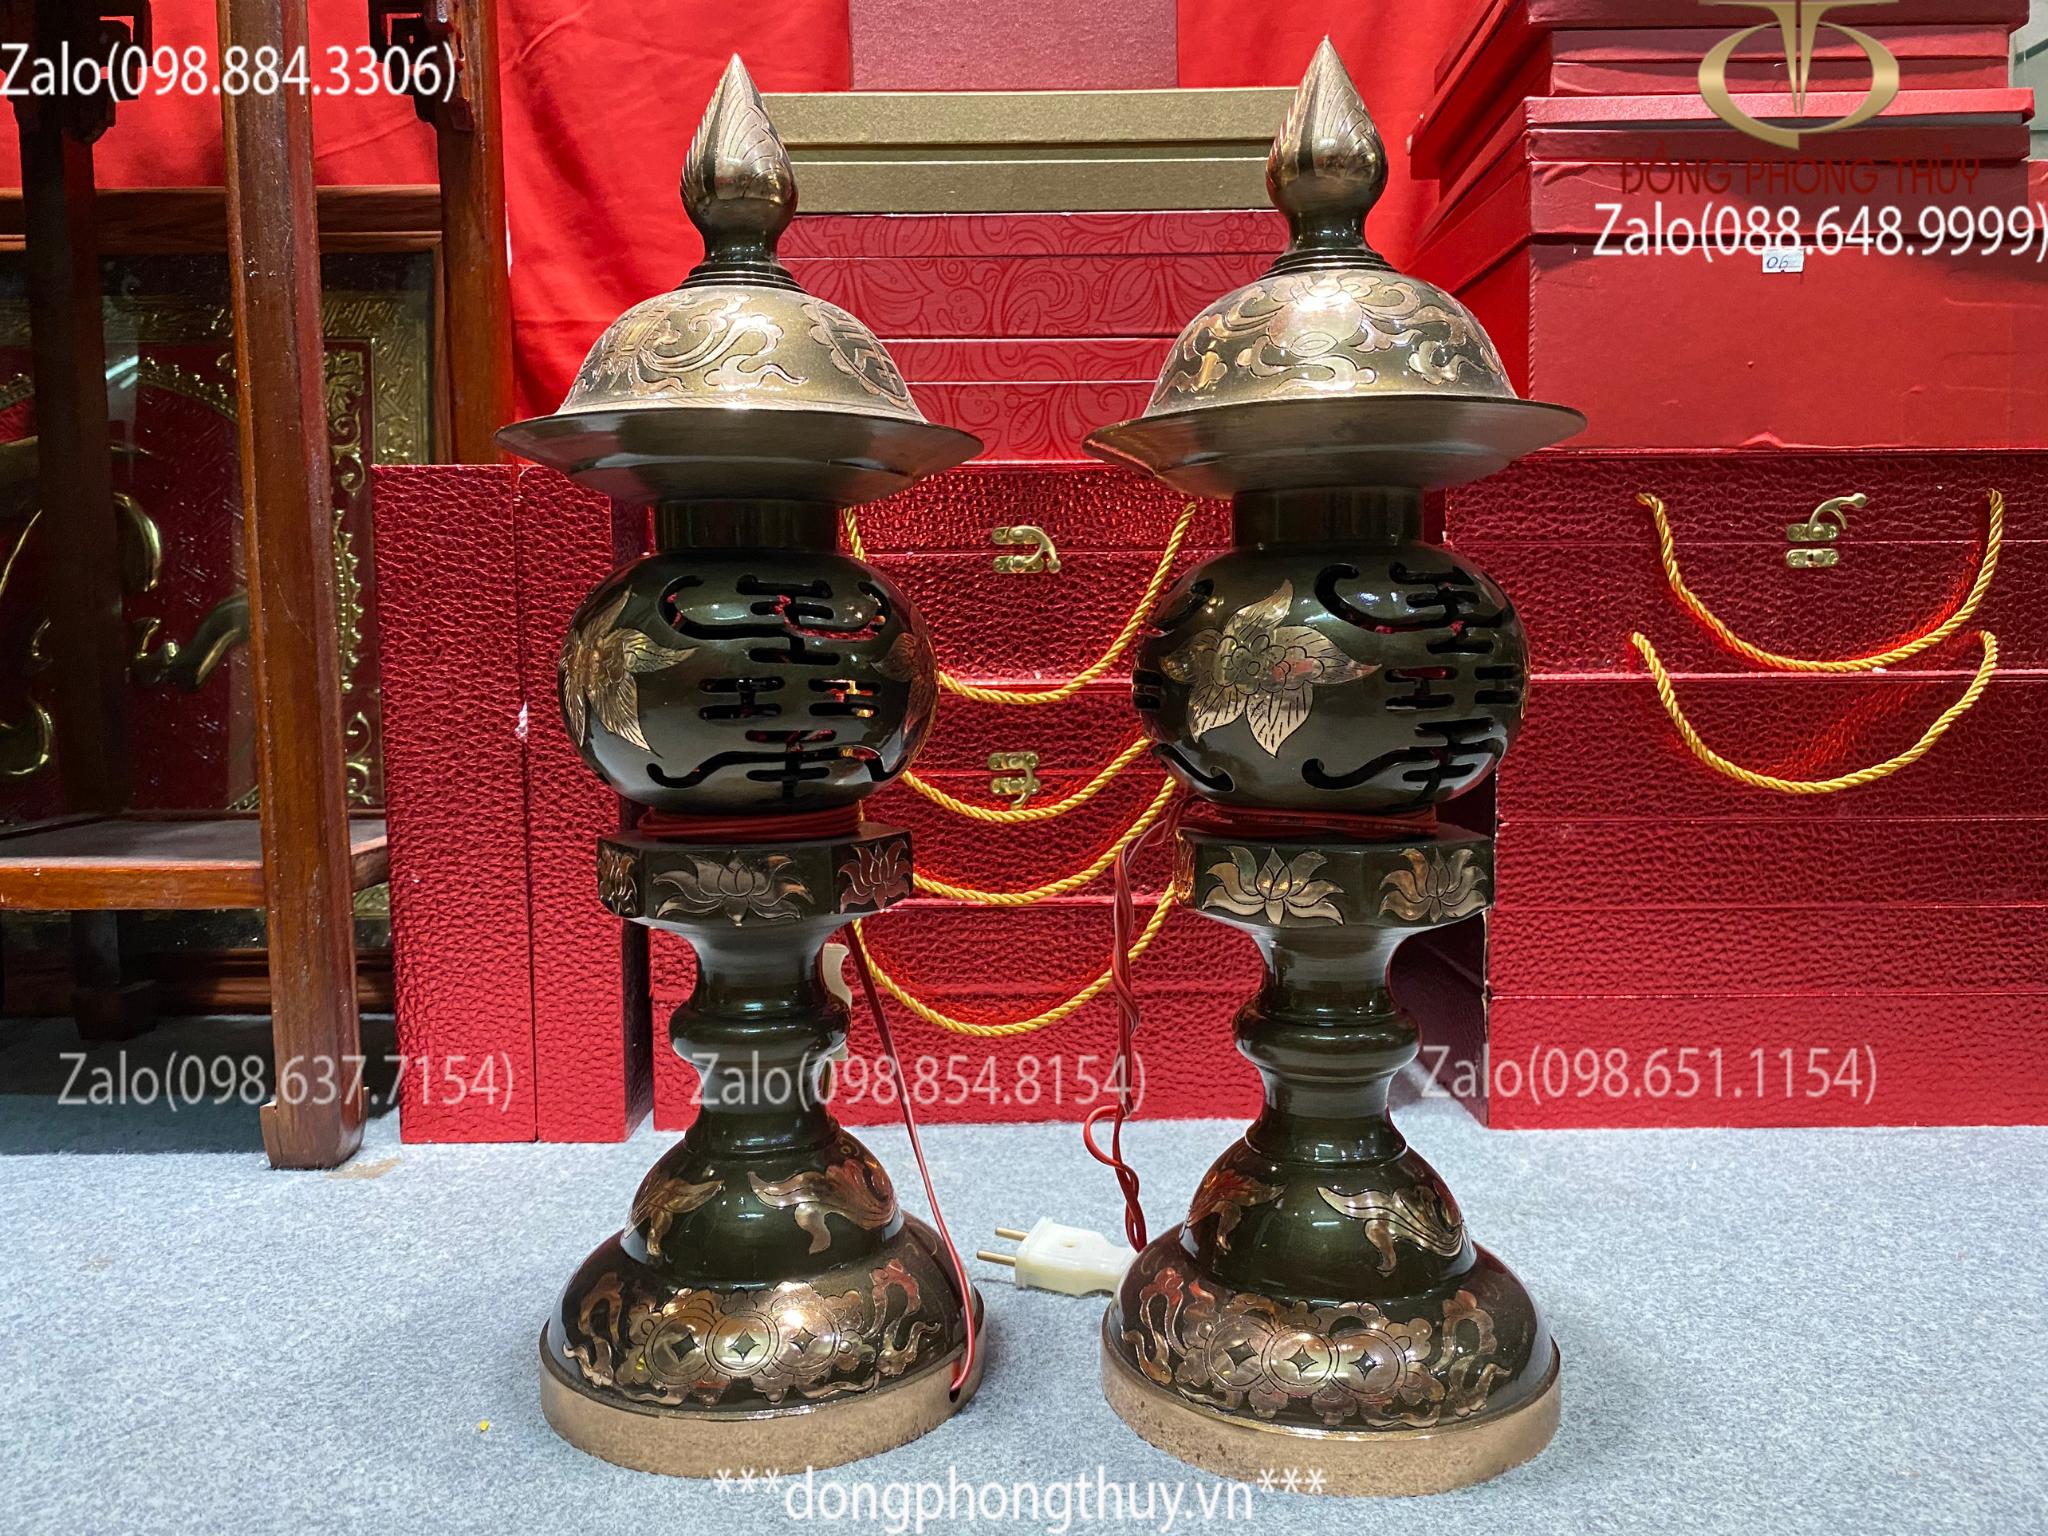 đôi đèn thờ bằng đồng